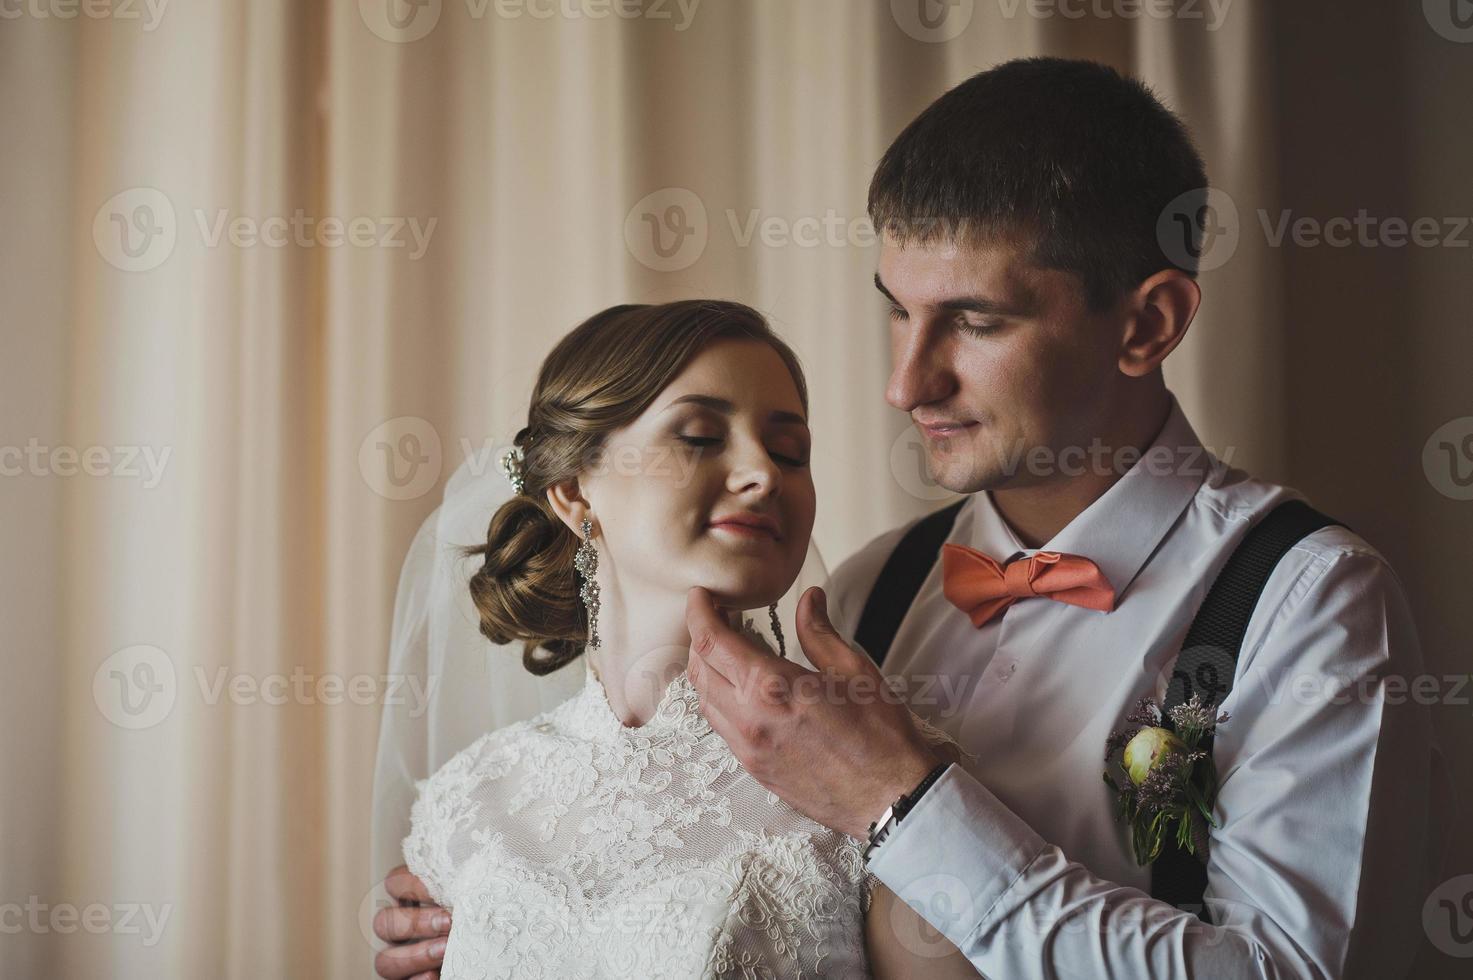 Der Mann umarmt zärtlich seine Frau foto